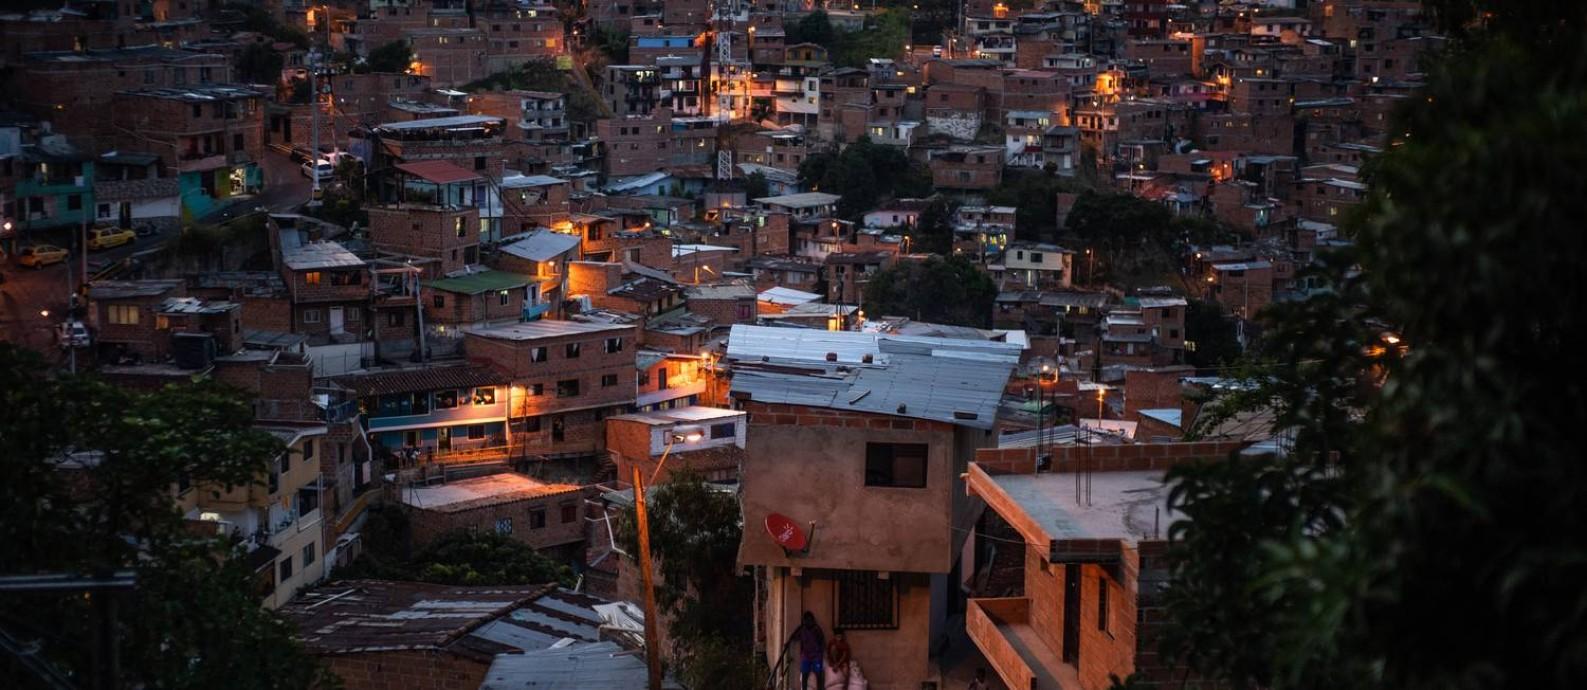 Favela ao entardecer em Medellín, Colômbia: Depois de duas décadas de avanços, desigualdade cresceu para o índice mais alto já registrado no continente Foto: FEDERICO RIOS / NYT